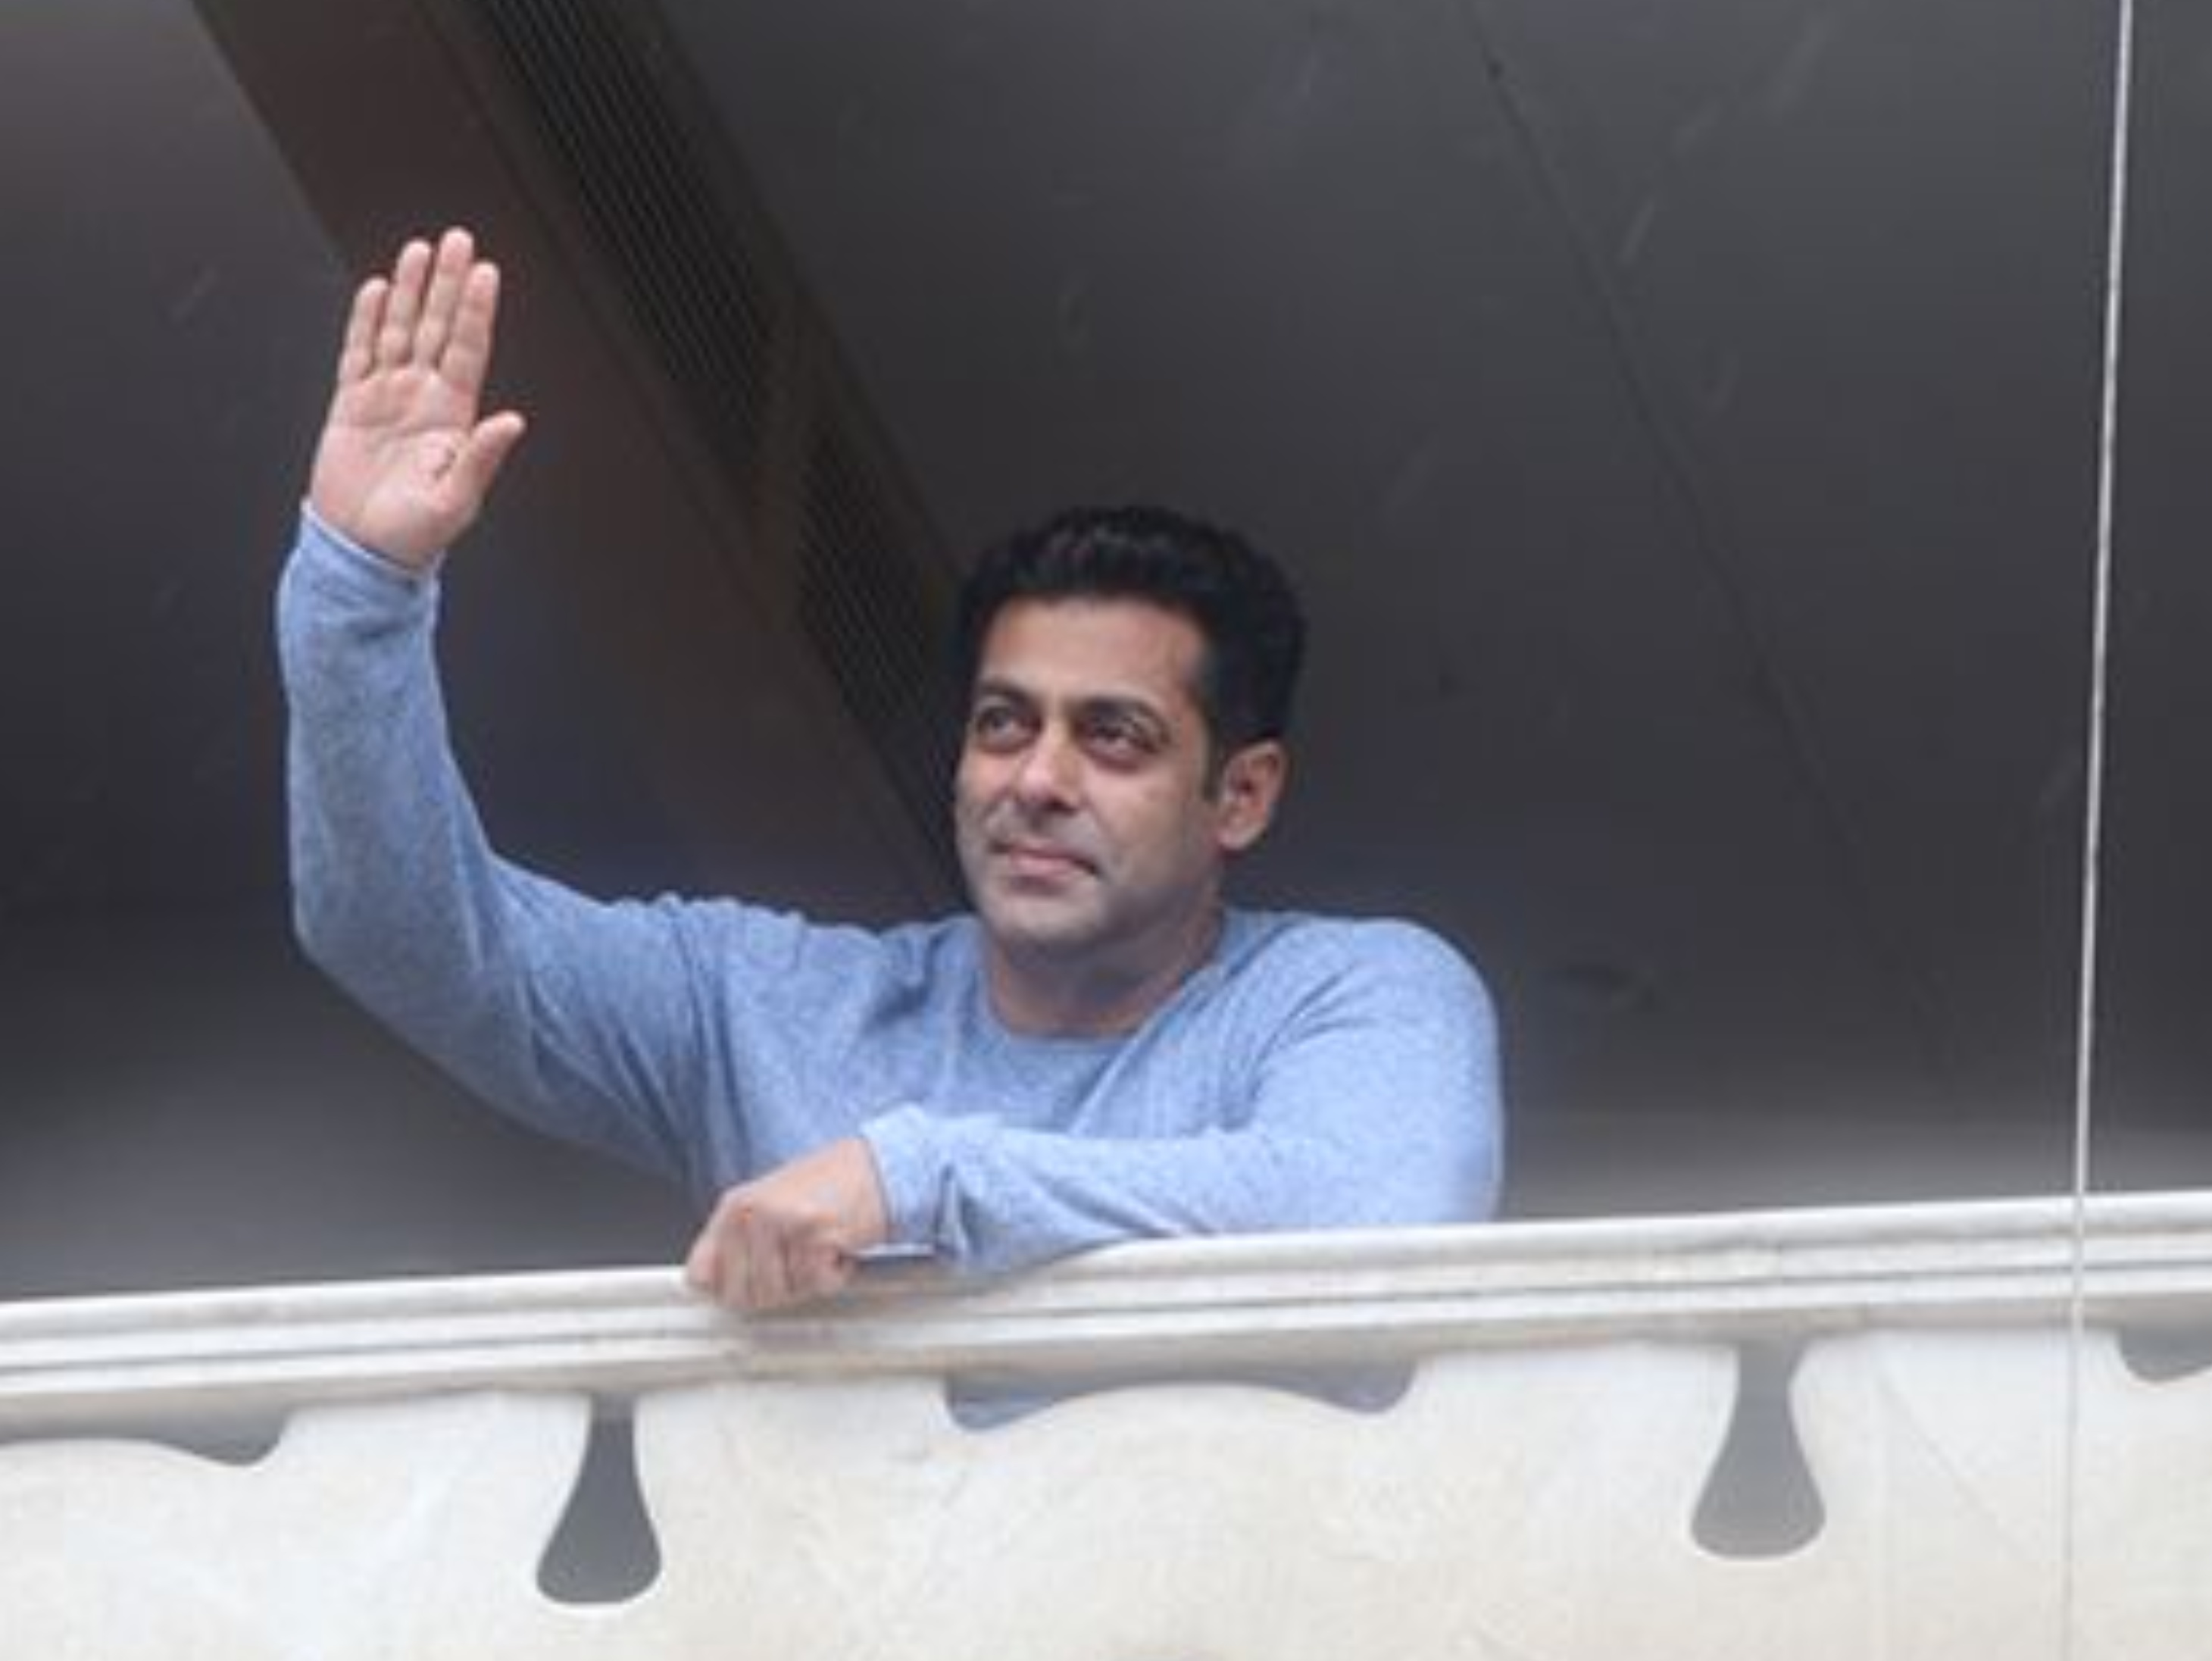 सलमान खान ने रेंट पर लिया ड्यूप्लैक्स 8 लाख से ज्यादा है किराया, कंगना रनोट की धाकड़ अगले साल होगी रिलीज|बॉलीवुड,Bollywood - Dainik Bhaskar